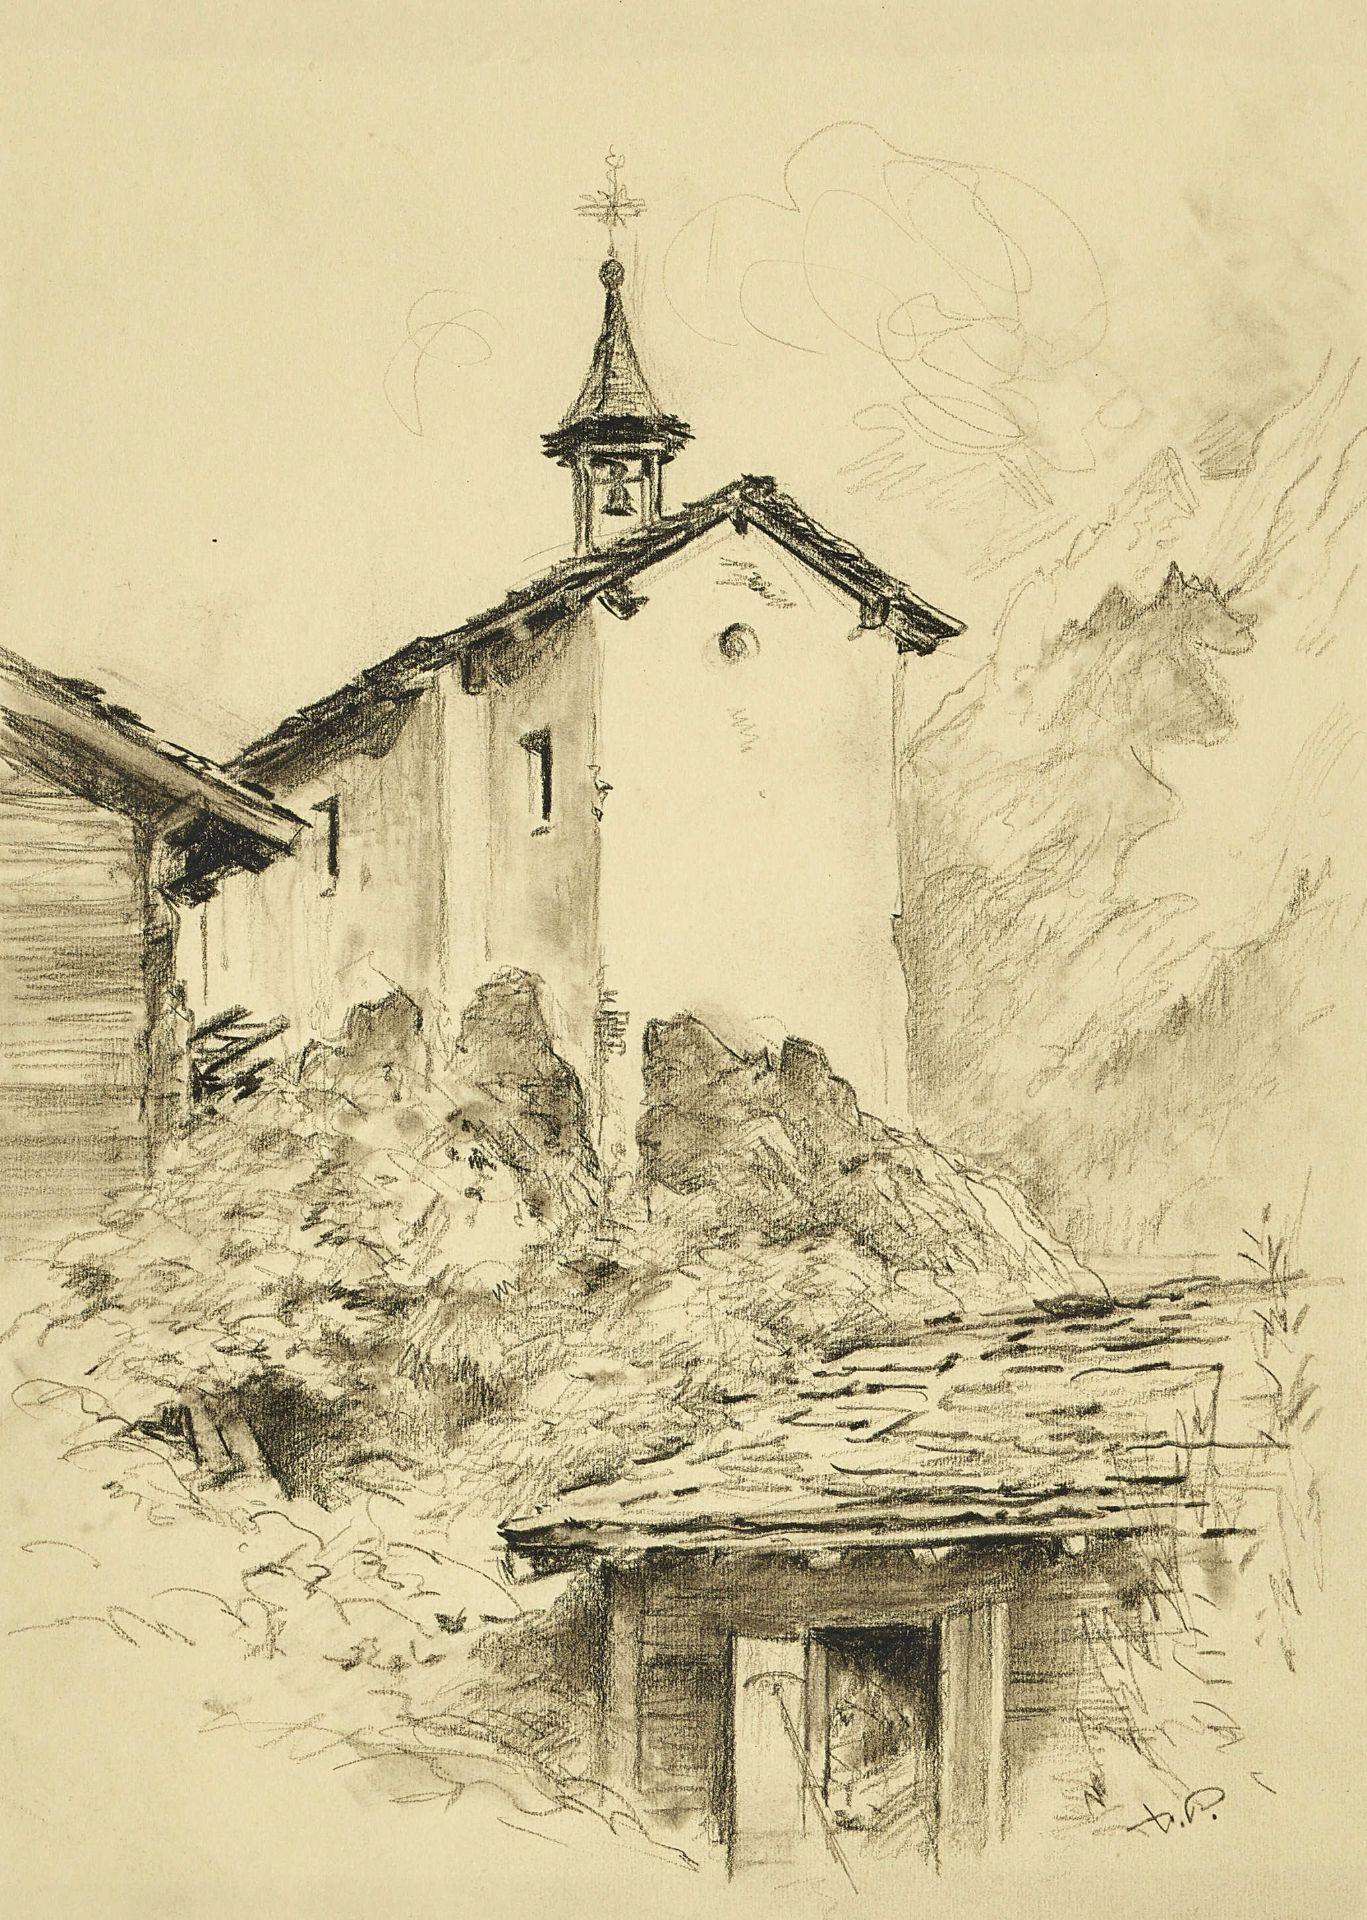 PORET, XAVIER DE: Die Kapelle in Eisten im Loetschental.